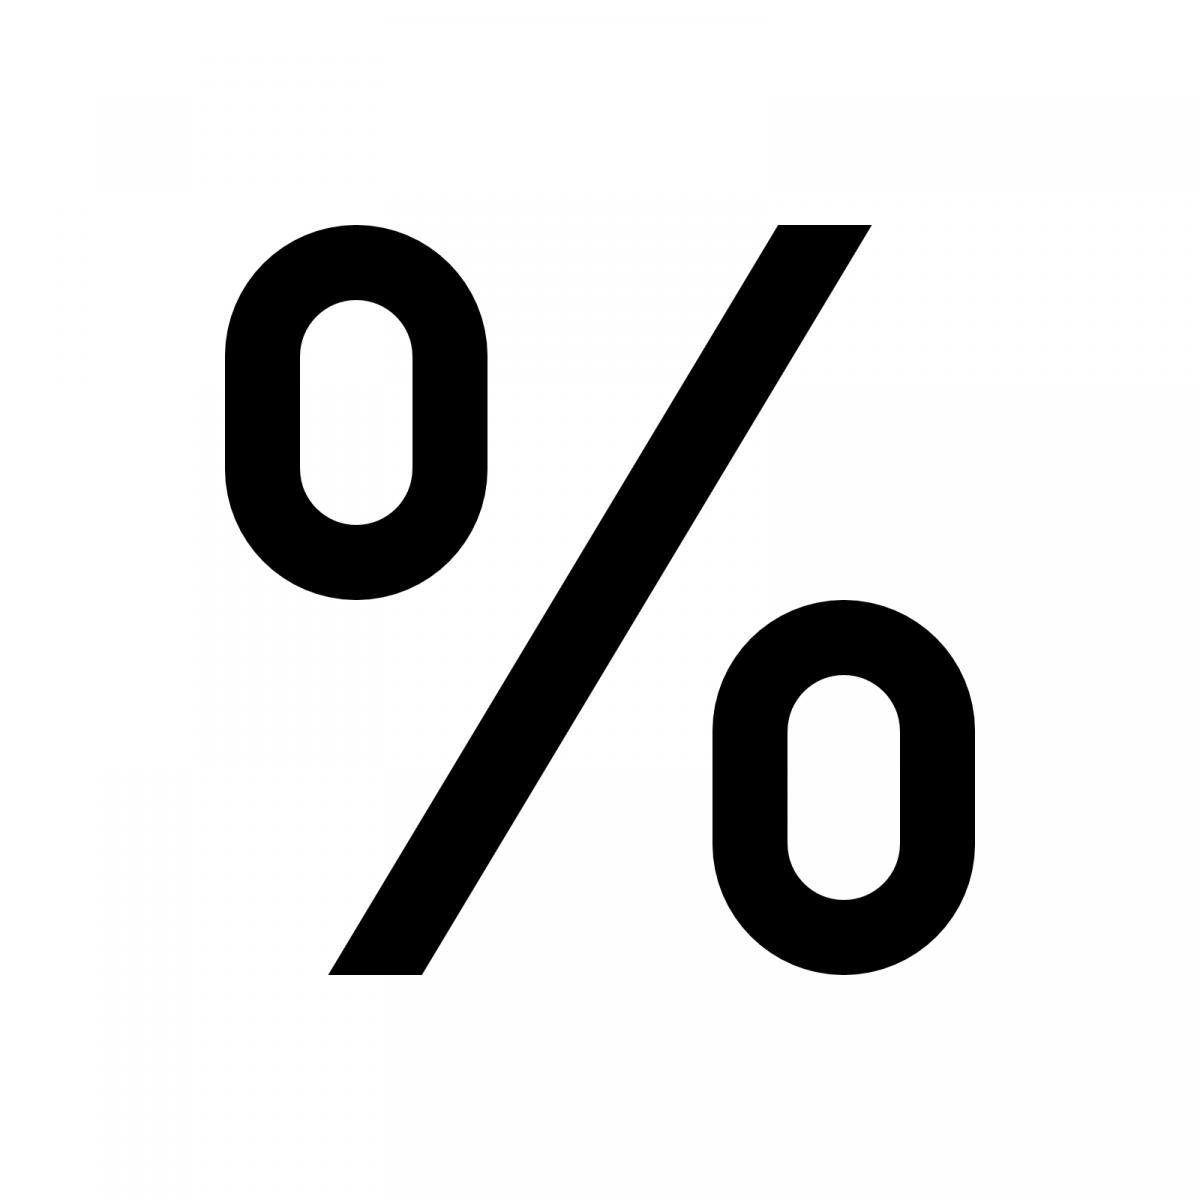 Évtizedes rekordnövekedést, 8%-ot vár a Takarékbank - ennyit arról az ellenzéki meséről, hogy minden tönkrement